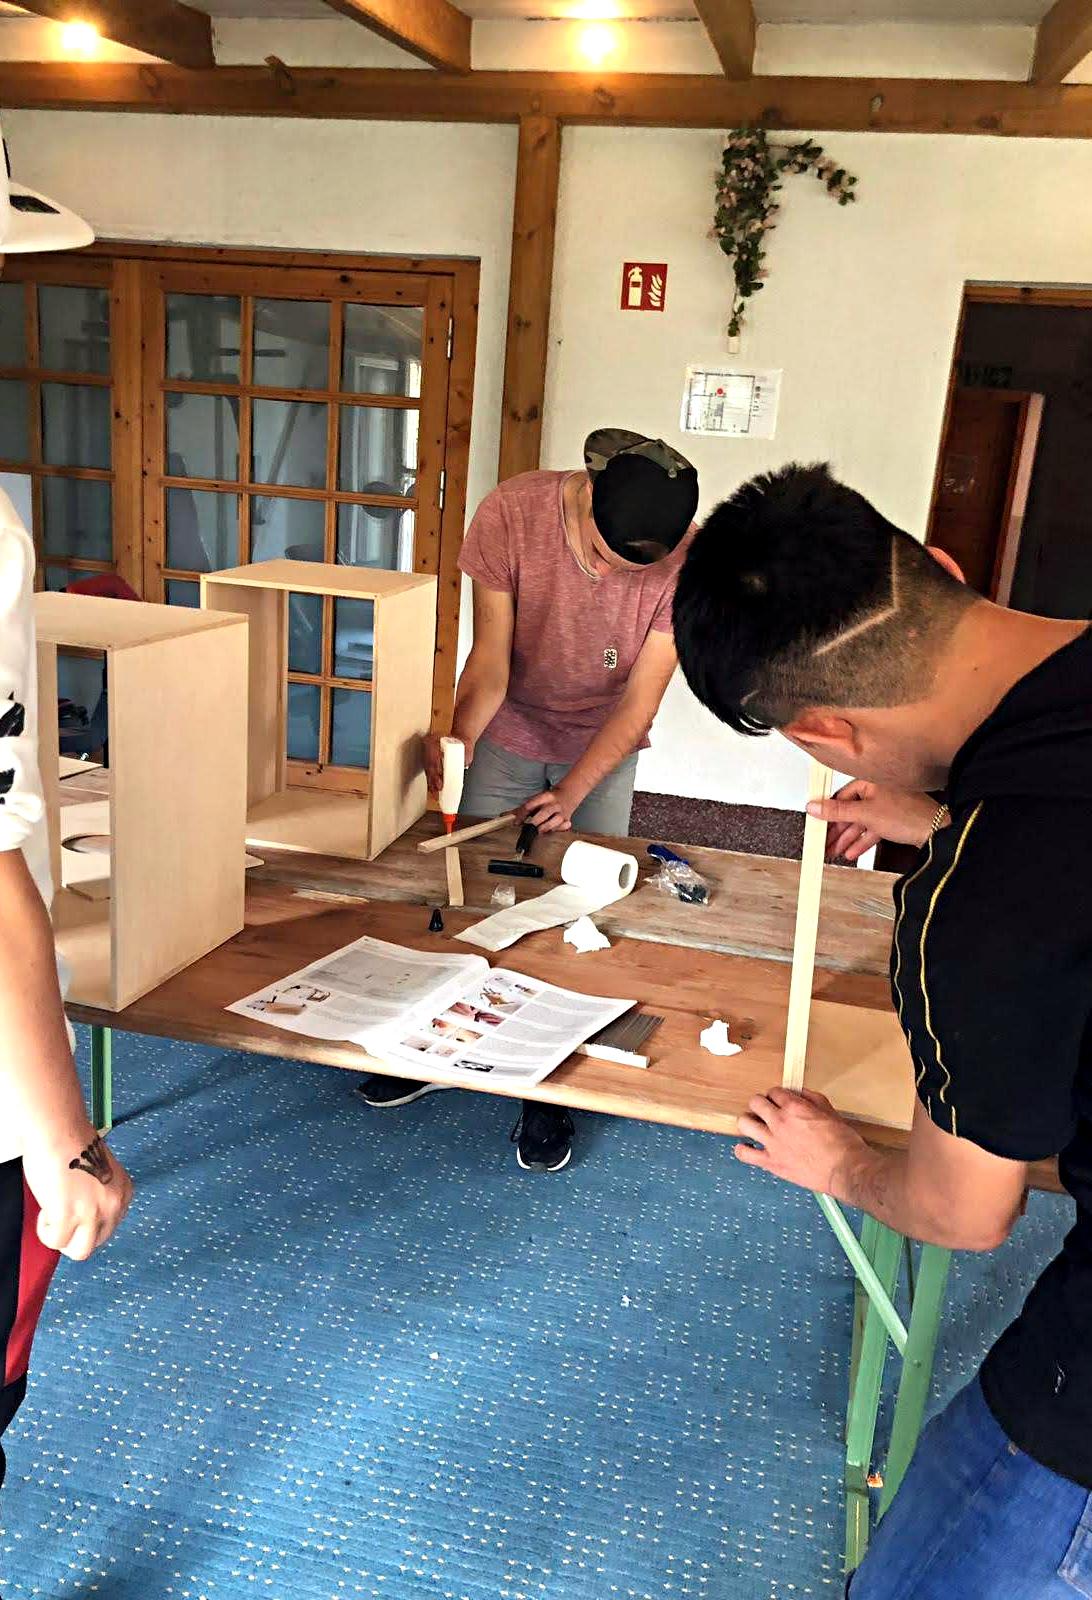 Handwerken in der Stationären Jugendhilfe in Rägelin-Temnitzquell der navitas gGmbH